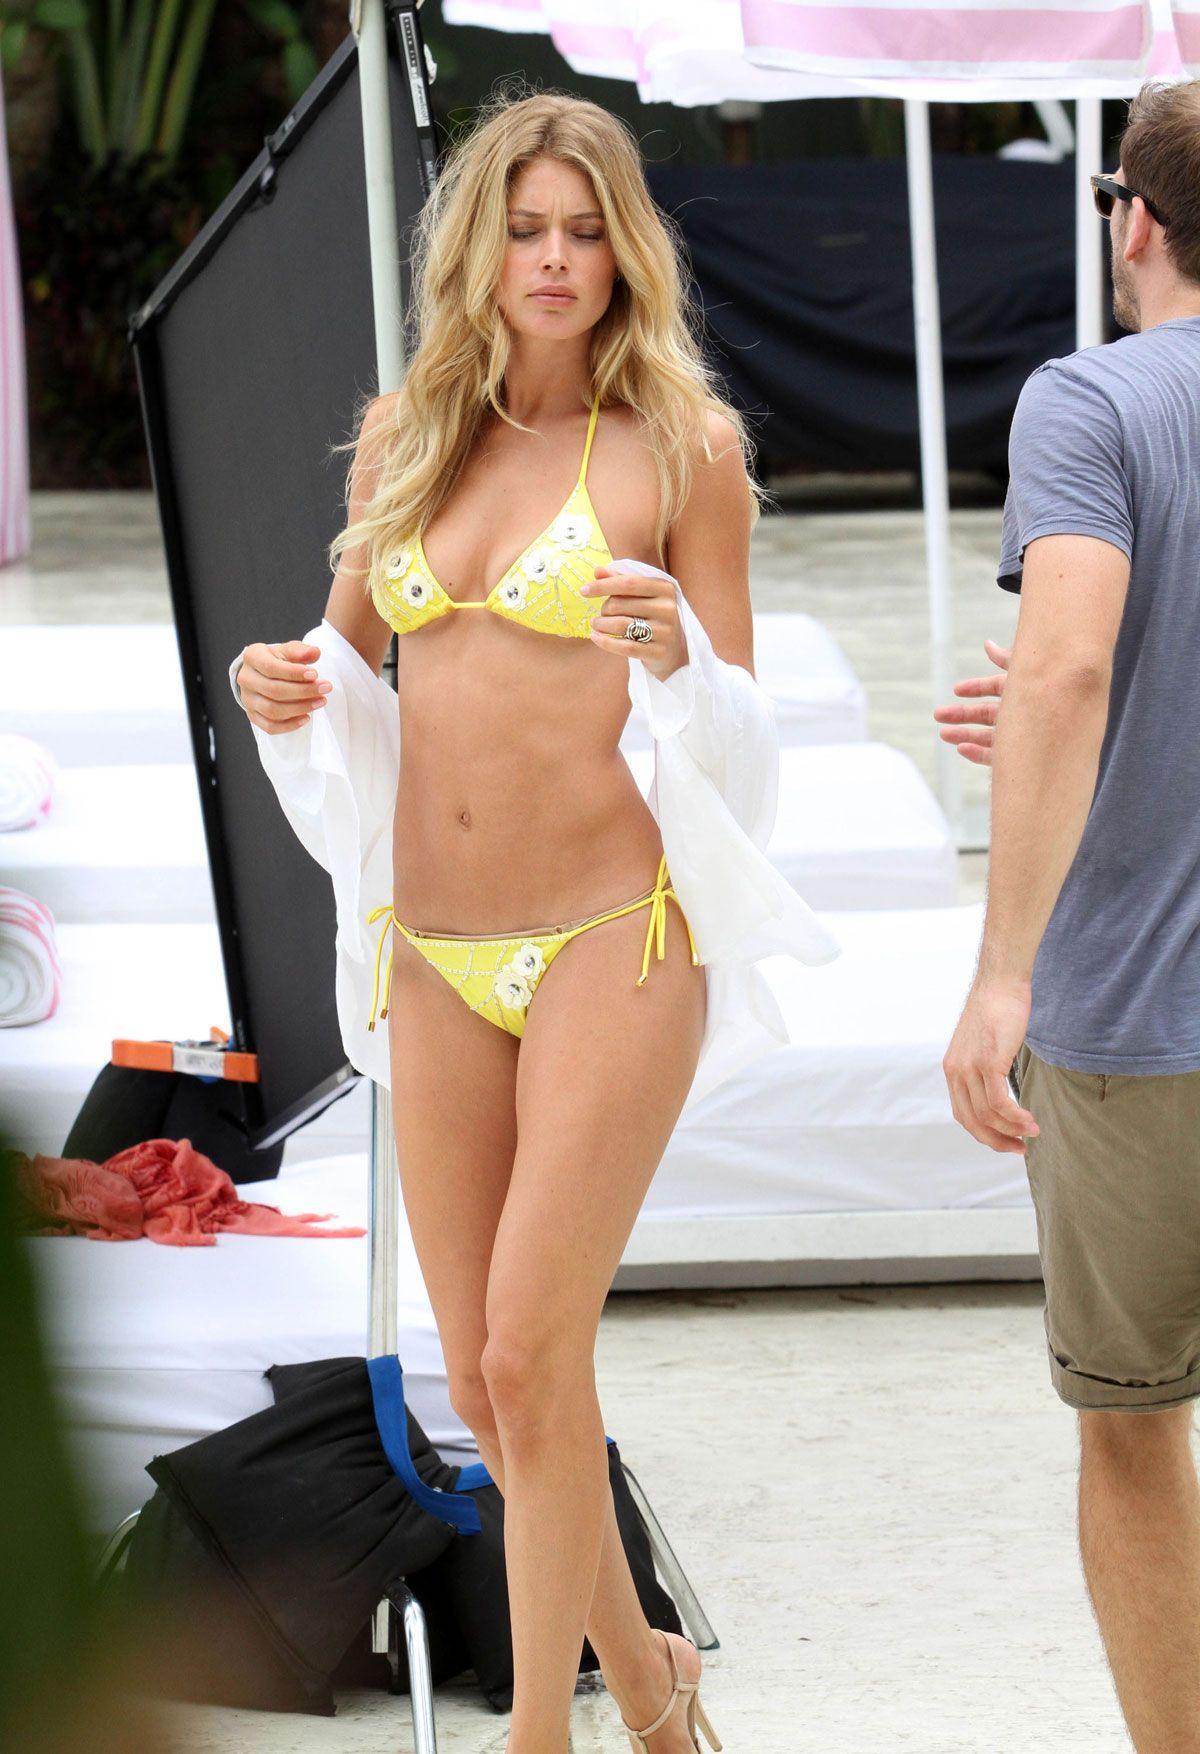 Bikini Lauren Schneider nudes (55 photos), Pussy, Cleavage, Selfie, legs 2017